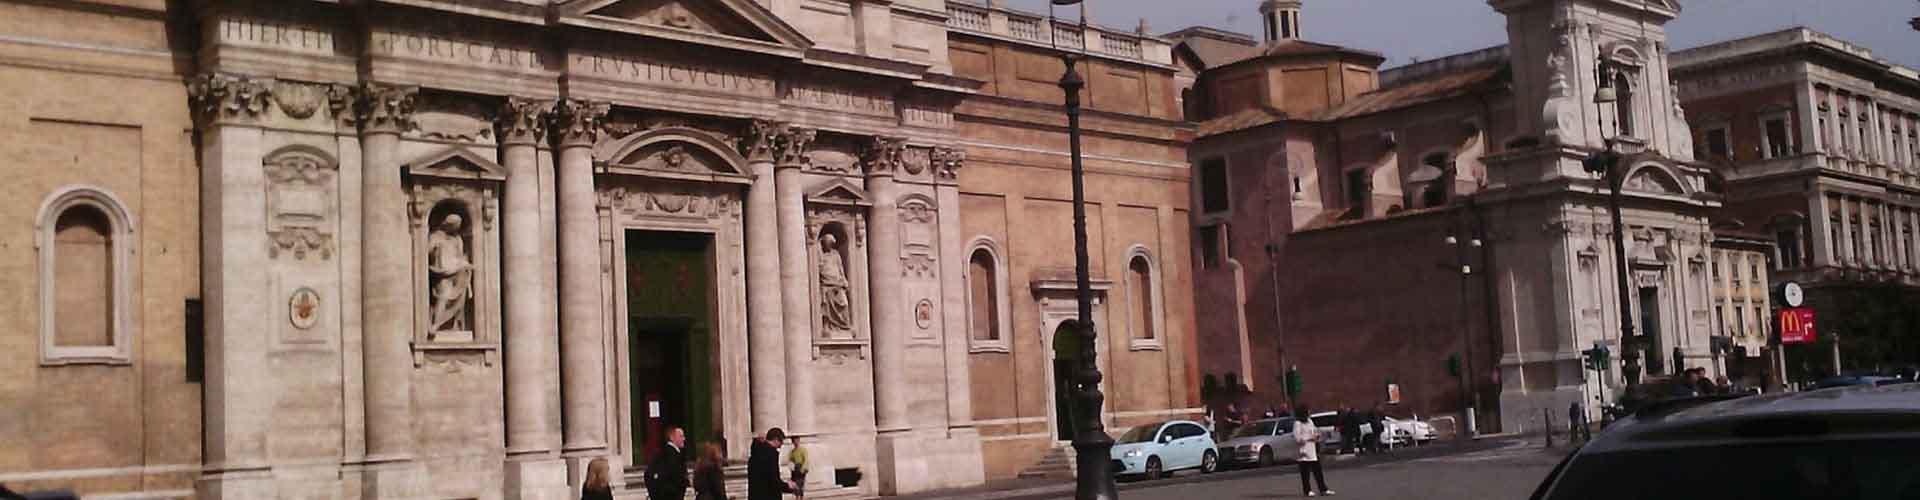 Rzym - Hostele w pobliżu: Santa Maria della Vittoria. Mapy: Rzym, Zdjęcia i Recenzje dla każdego hostelu w mieście: Rzym.